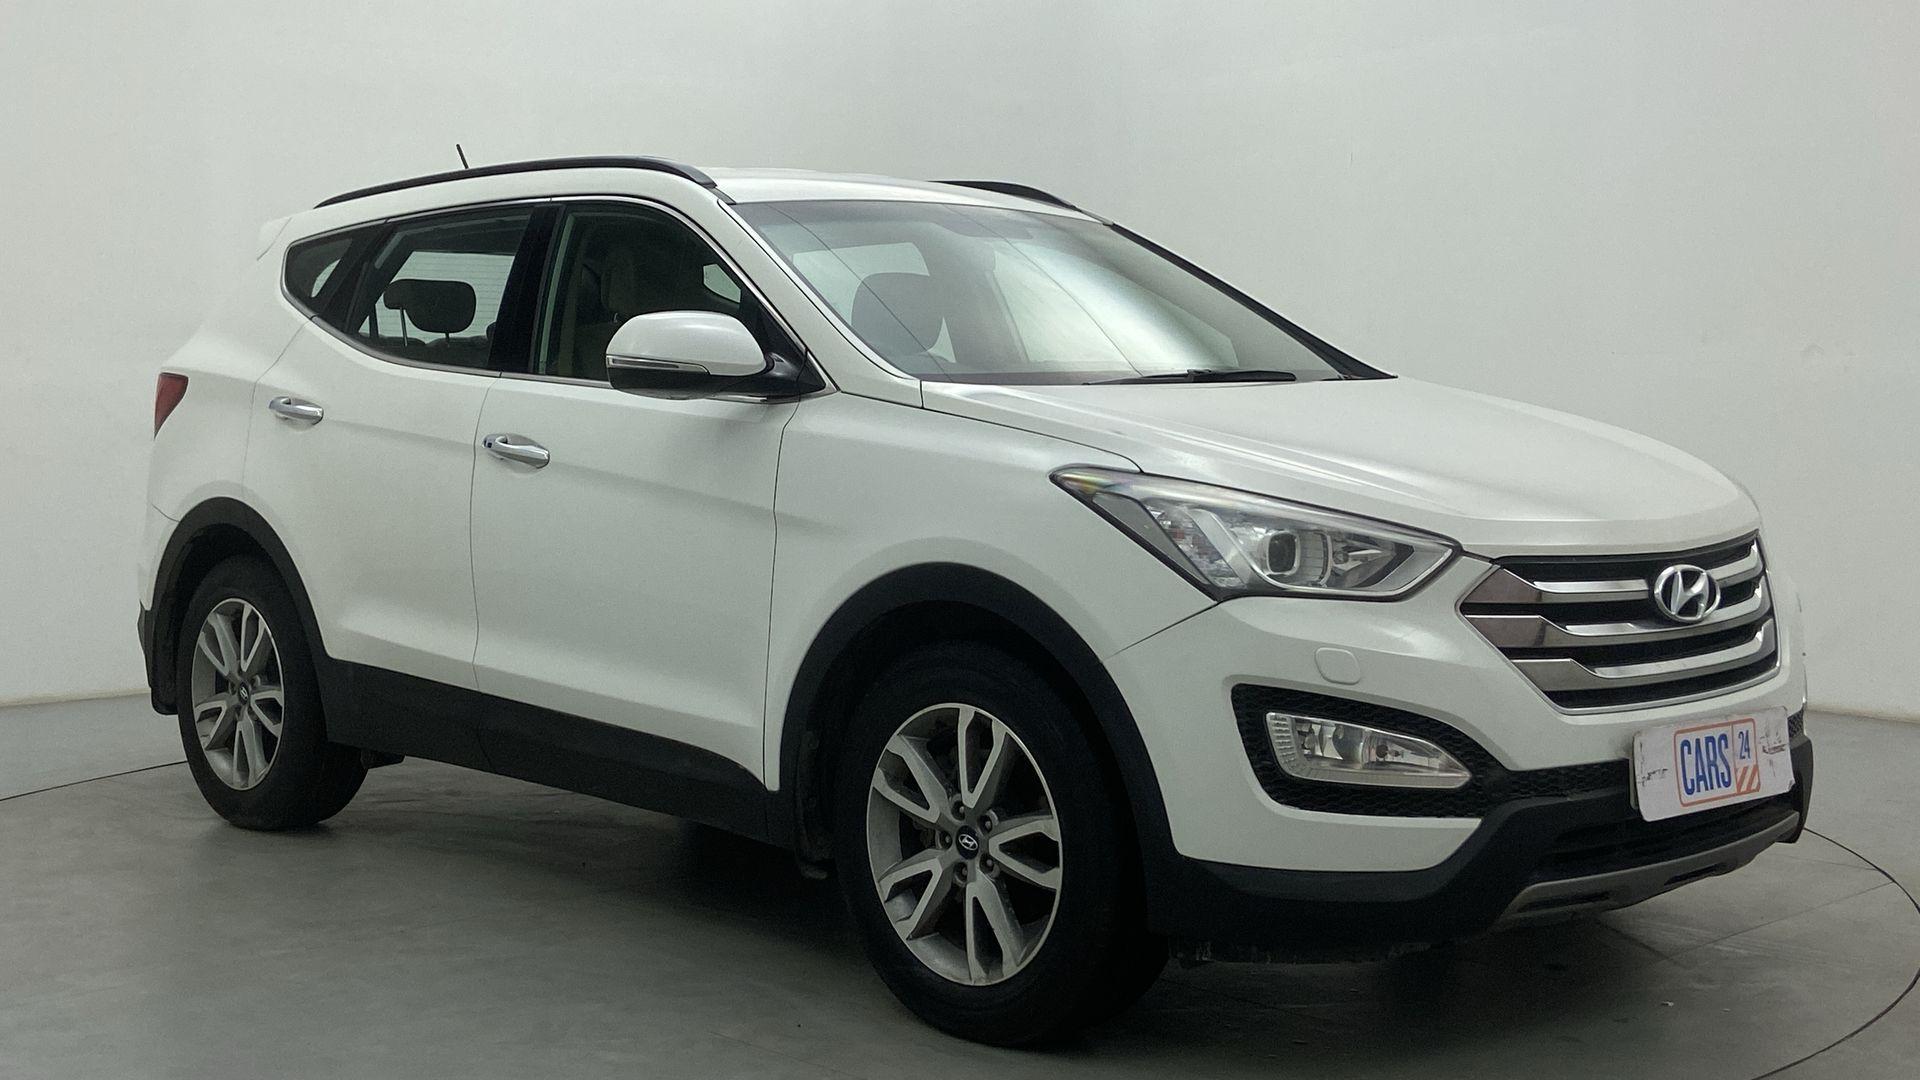 2015 Hyundai Santa Fe 4WD AT